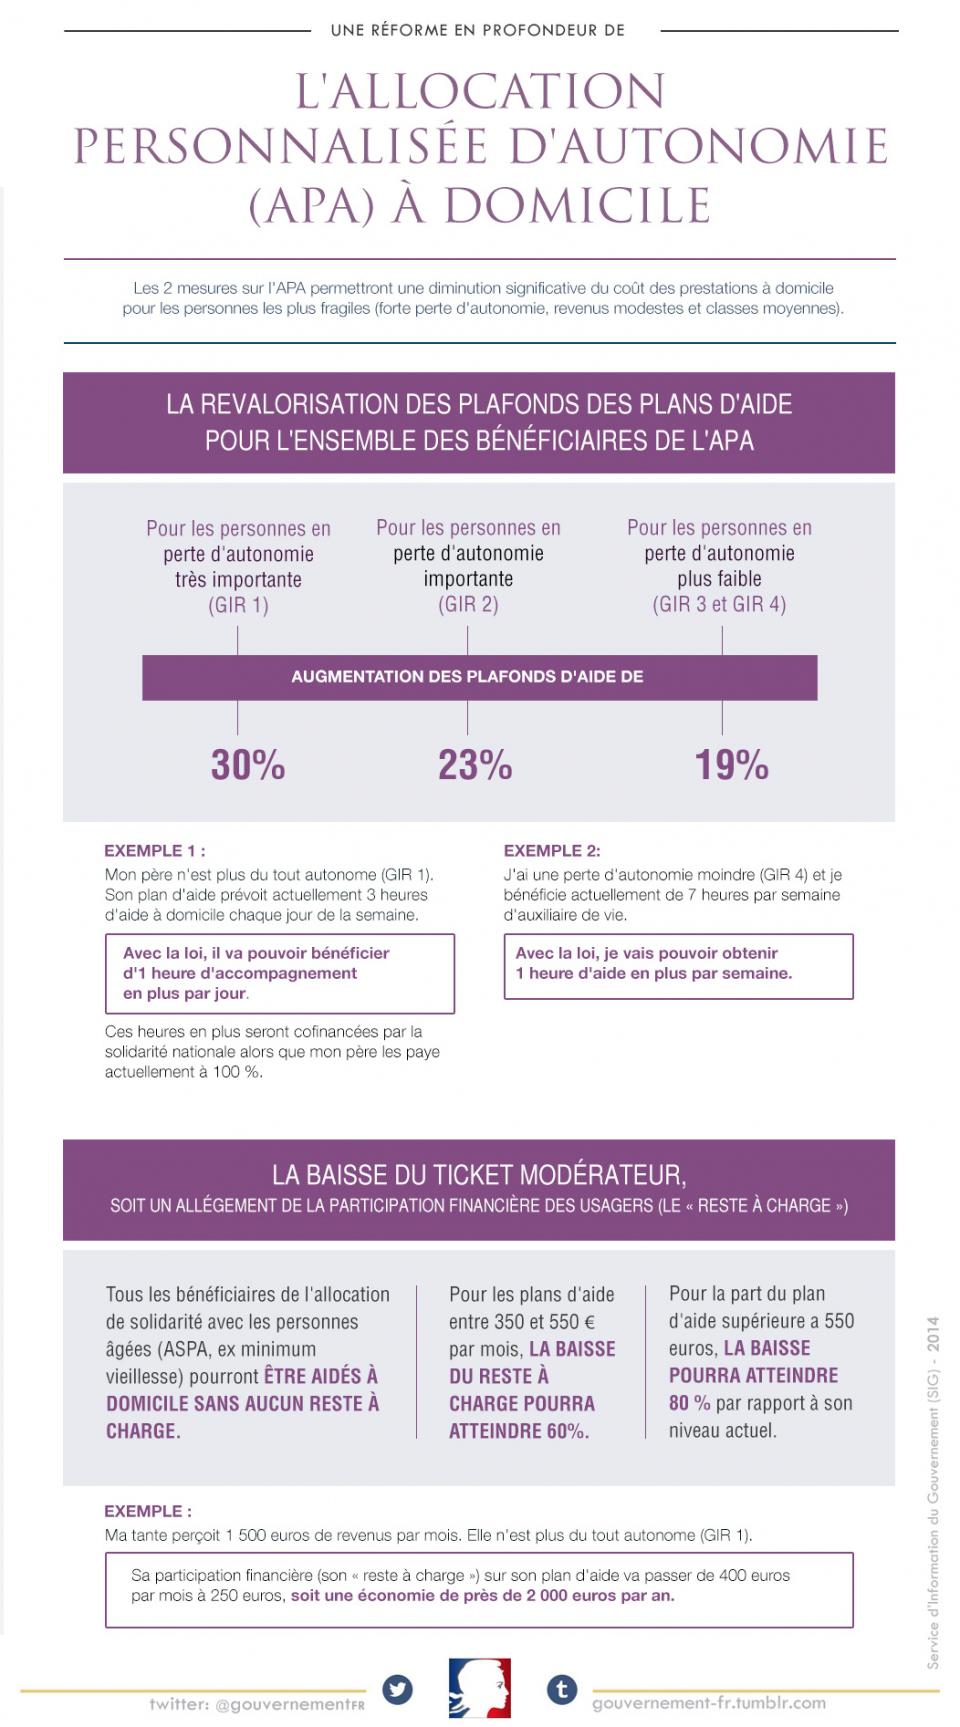 Infographie sur la réforme de l'allocation personnalisée d'autonomie à domicile  - voir en plus grand